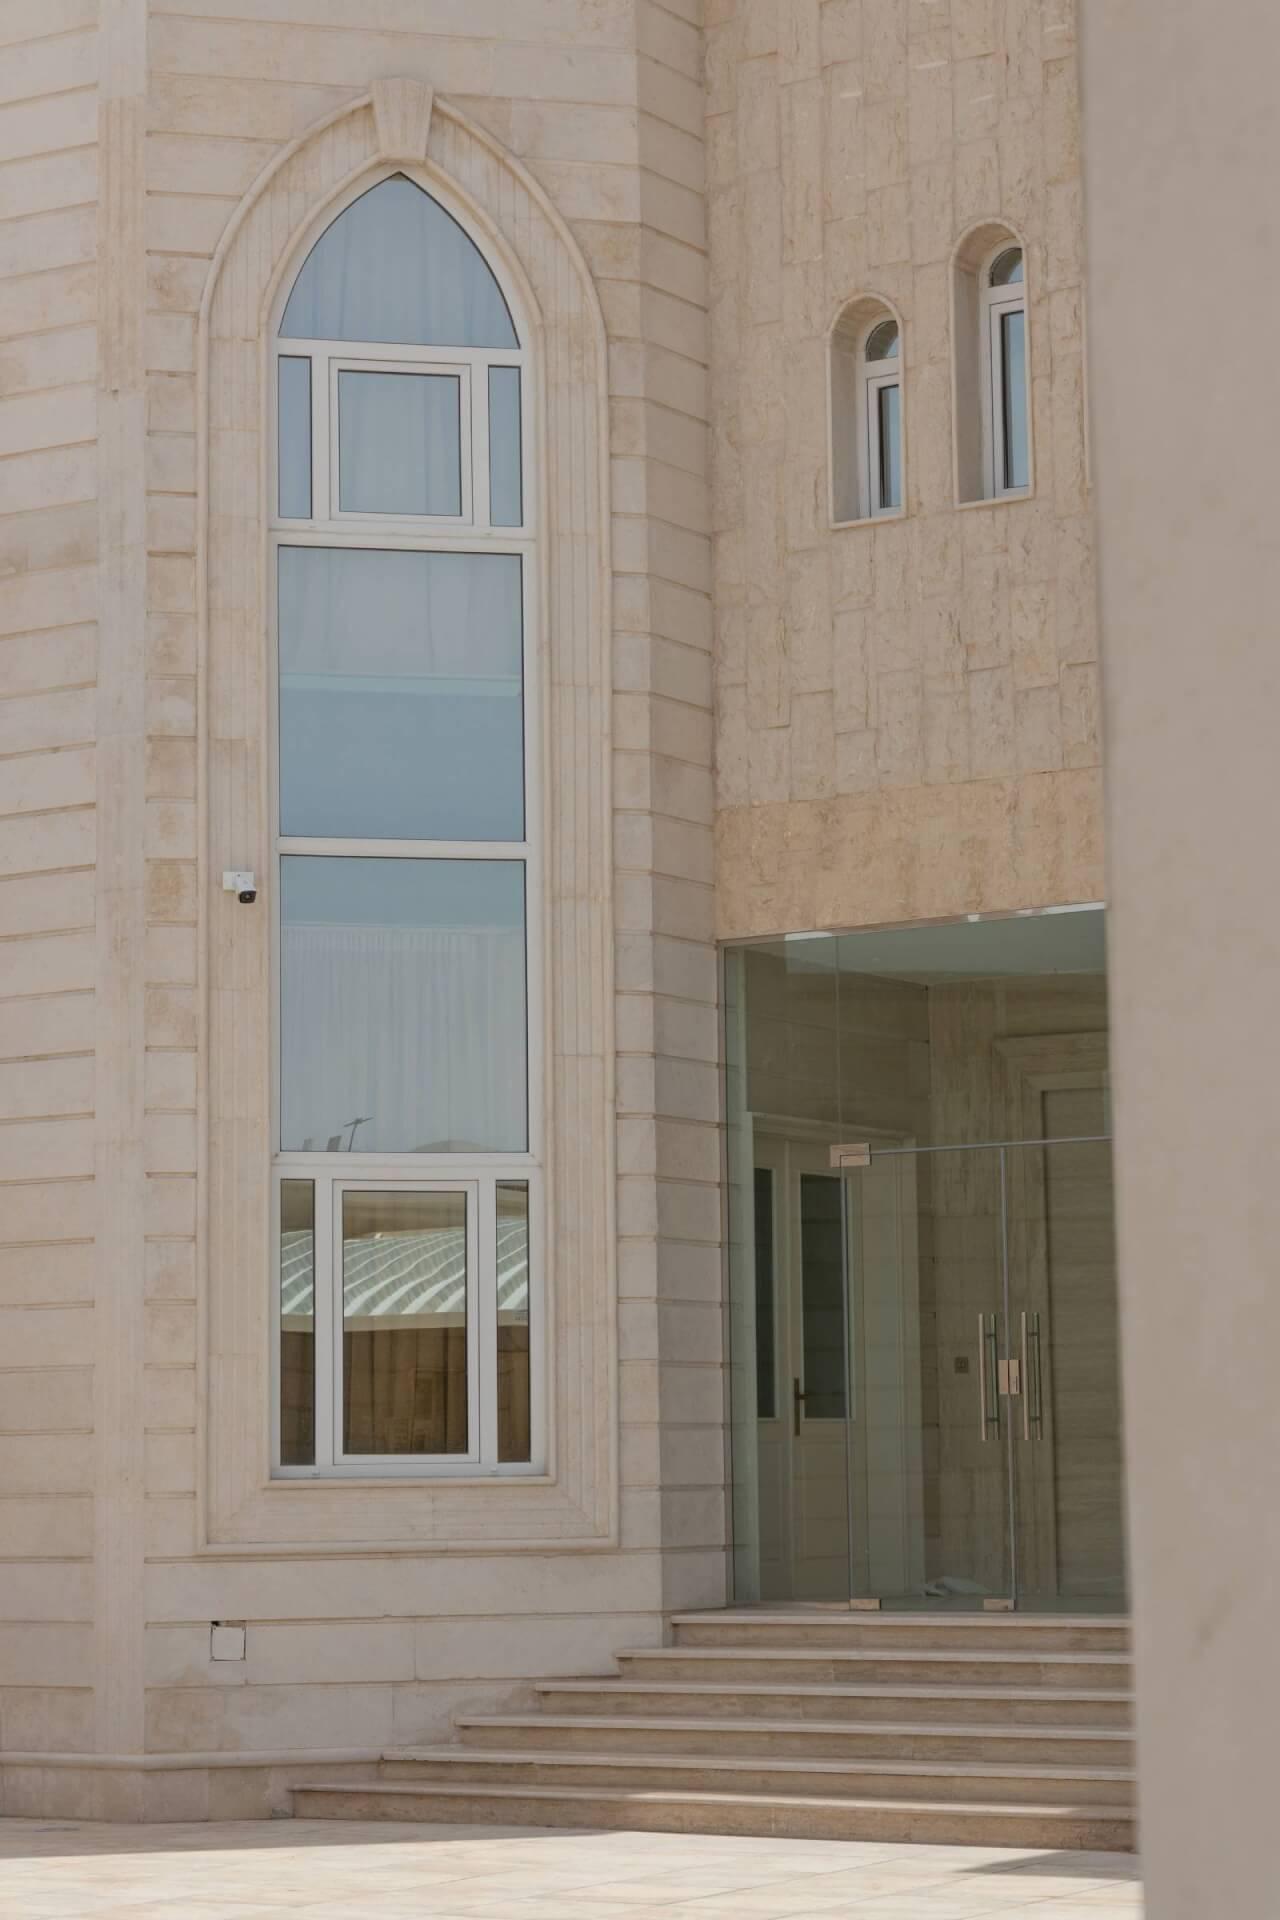 شباك يو بي في سي في قطر